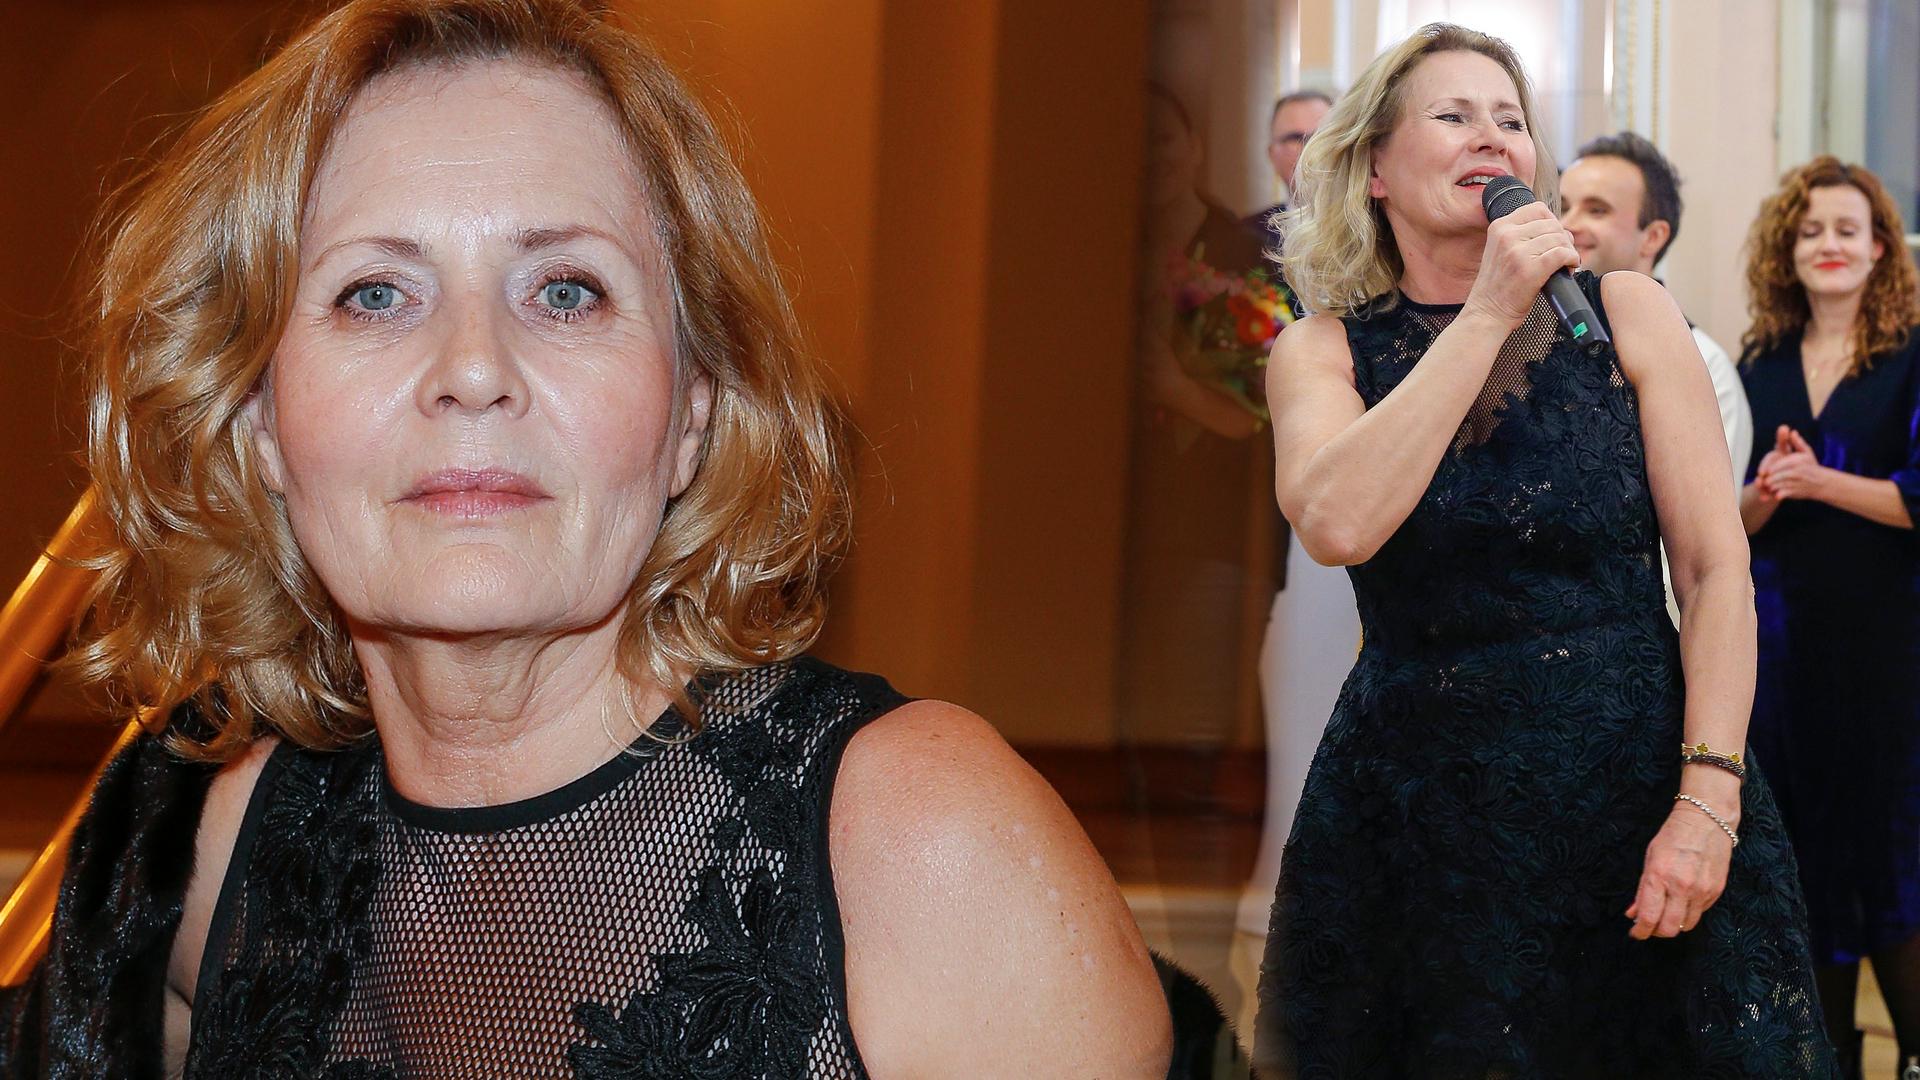 65 letnia Szapołowska w stroju kąpielowym: Co za figura!